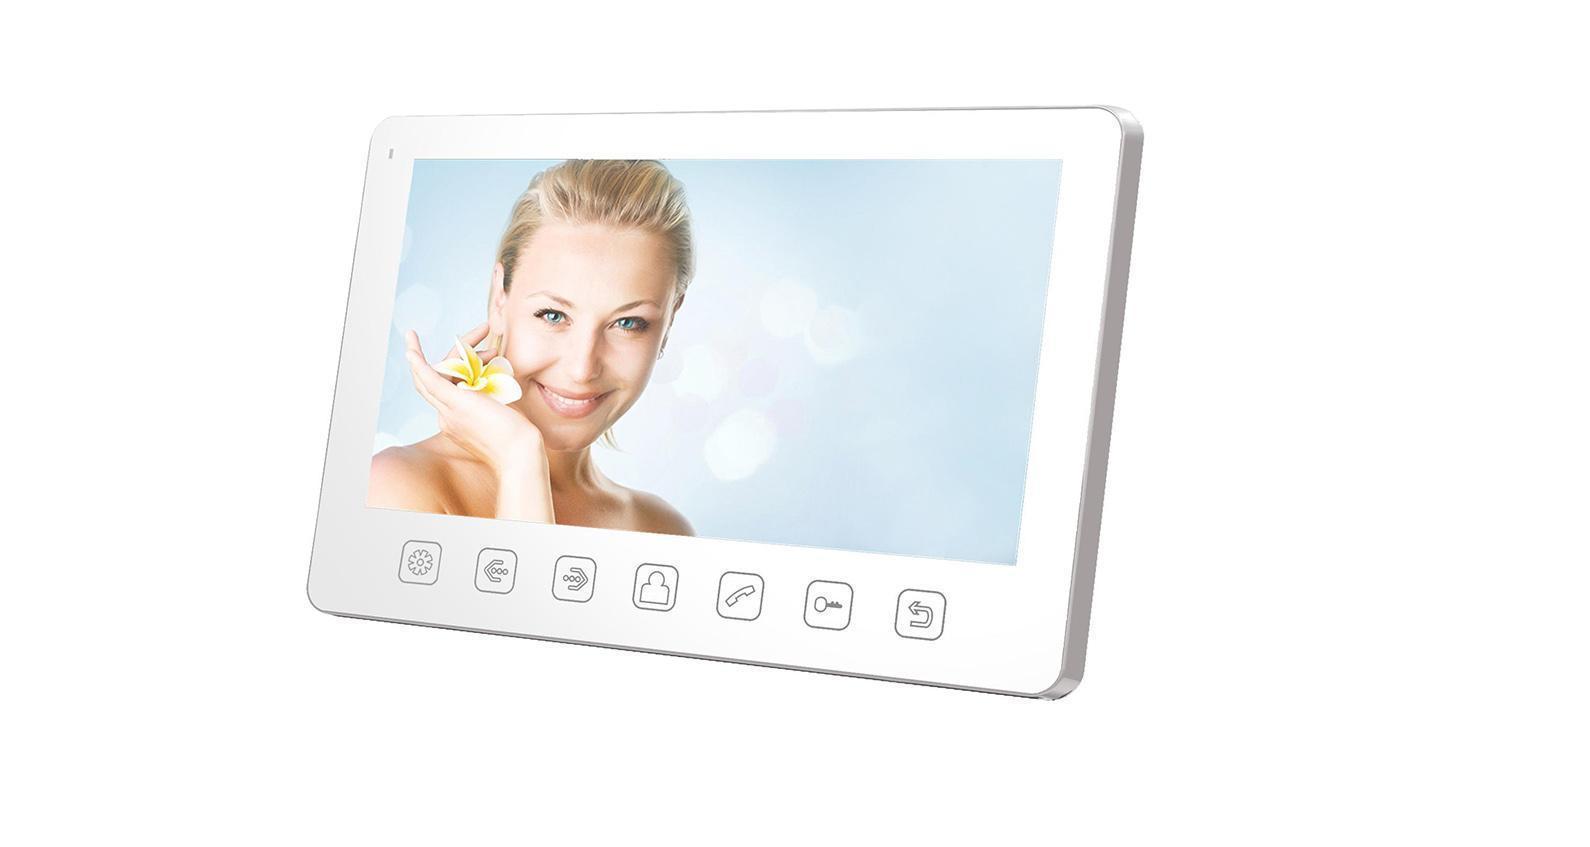 Tantos Amelie Slim, White монитор видеодомофона00-00016195Tantos Amelie Slim белый - простой и изящный видеодомофон в белом цвете с большим цветным экраном Amelie. Видеодомофон Tantos Amelie Slim оснащен экраном размером 7, имеет возможность подключения до 2-х вызывных панелей и еще 2-х дополнительных камер. Крепится на стену накладным способом, на кронштейн, который идет в комплекте поставки. Габариты 185 х 127 х 17 мм. Он совместим со всеми современными цветными вызывными панелями. Питание монитора осуществляется от сети 220В. Связь осуществляется по принципу Hands Free (громкая, без трубки). Управление видеодомофоном осуществляется кнопками на передней панели. Меню полностью на русском языке, поддерживает подключение до 4-х мониторов параллельно. Также возможно подключение к подъездному домофону с помощью модуля сопряжения.